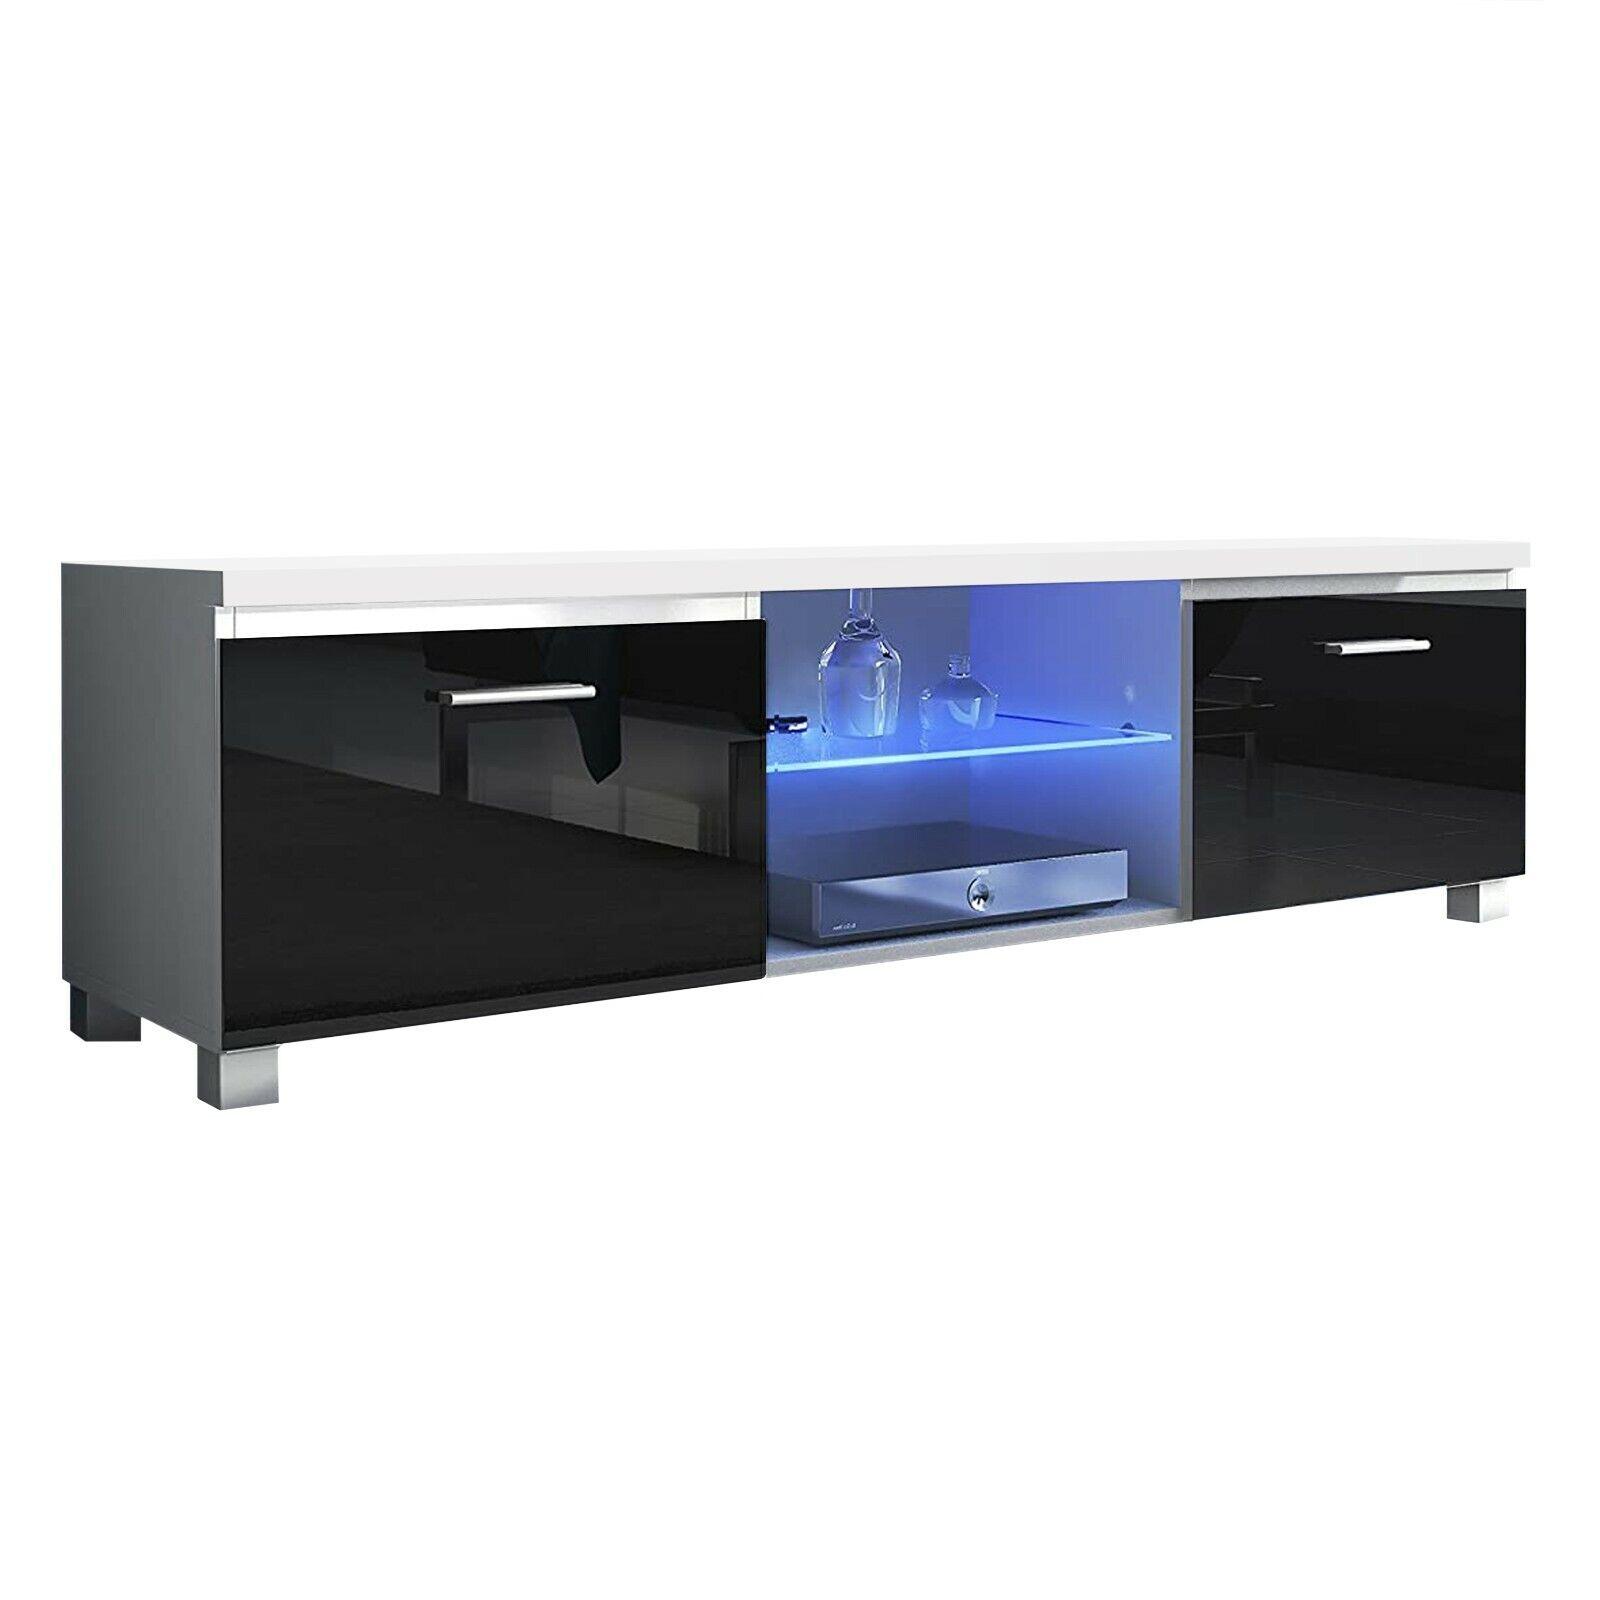 Módulo salón comedor para TV con luces LED, color Blanco Mate y...